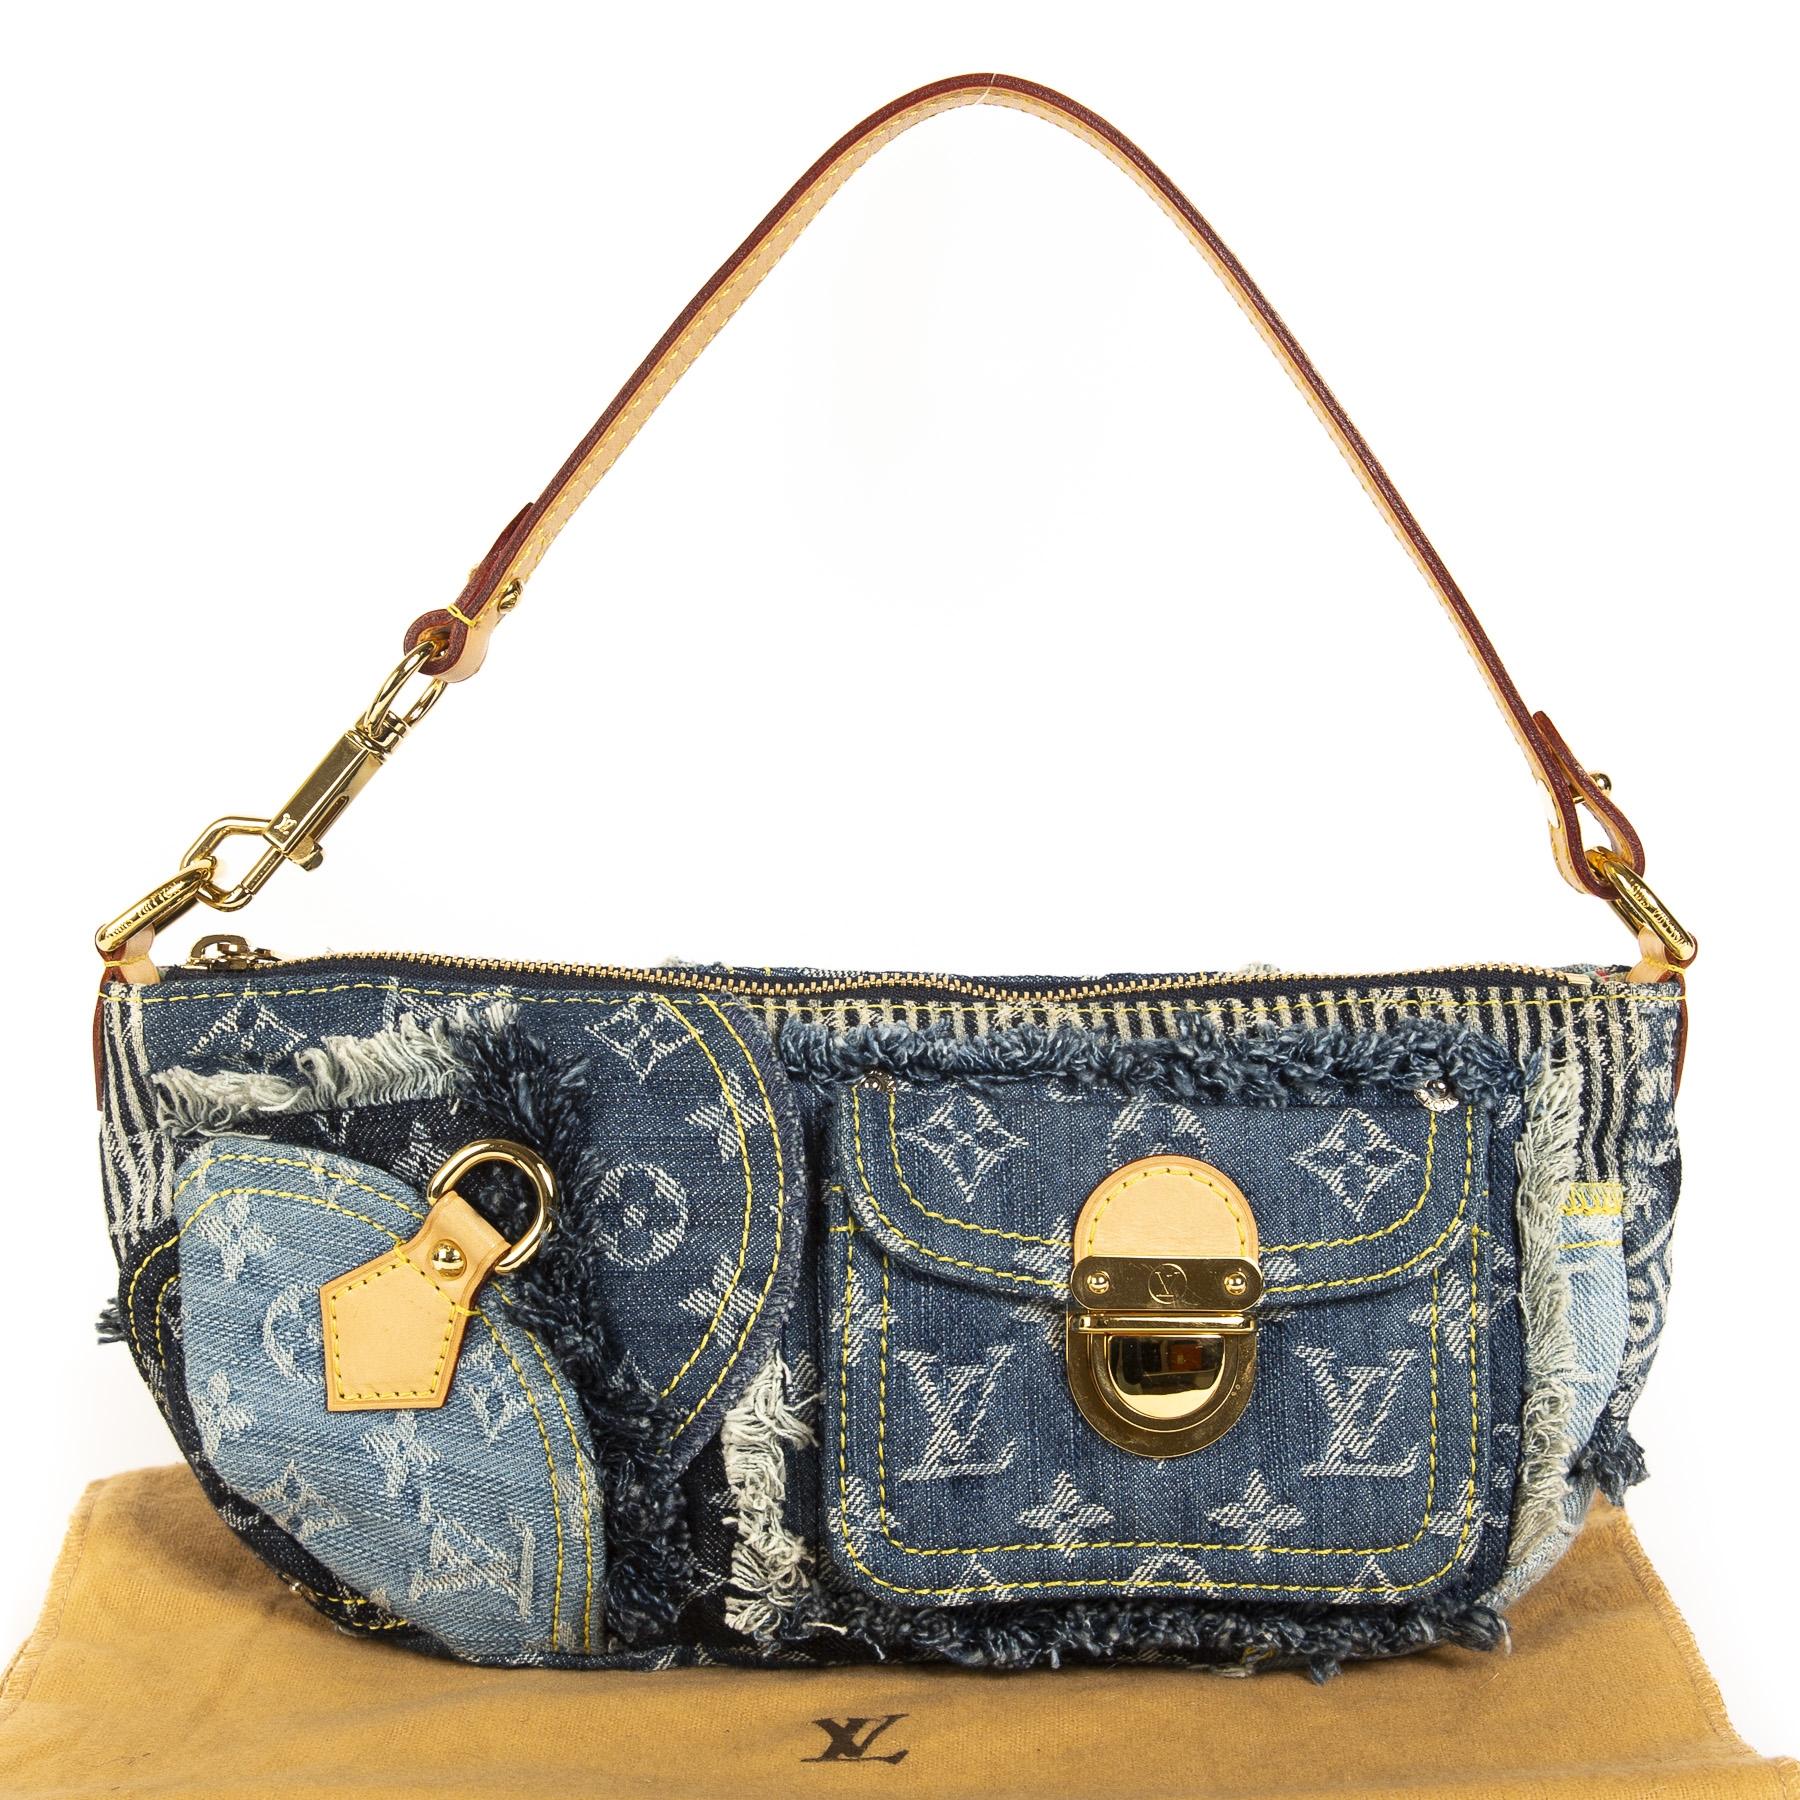 Louis Vuitton Limited Edition Monogram Denim Patchwork Bag